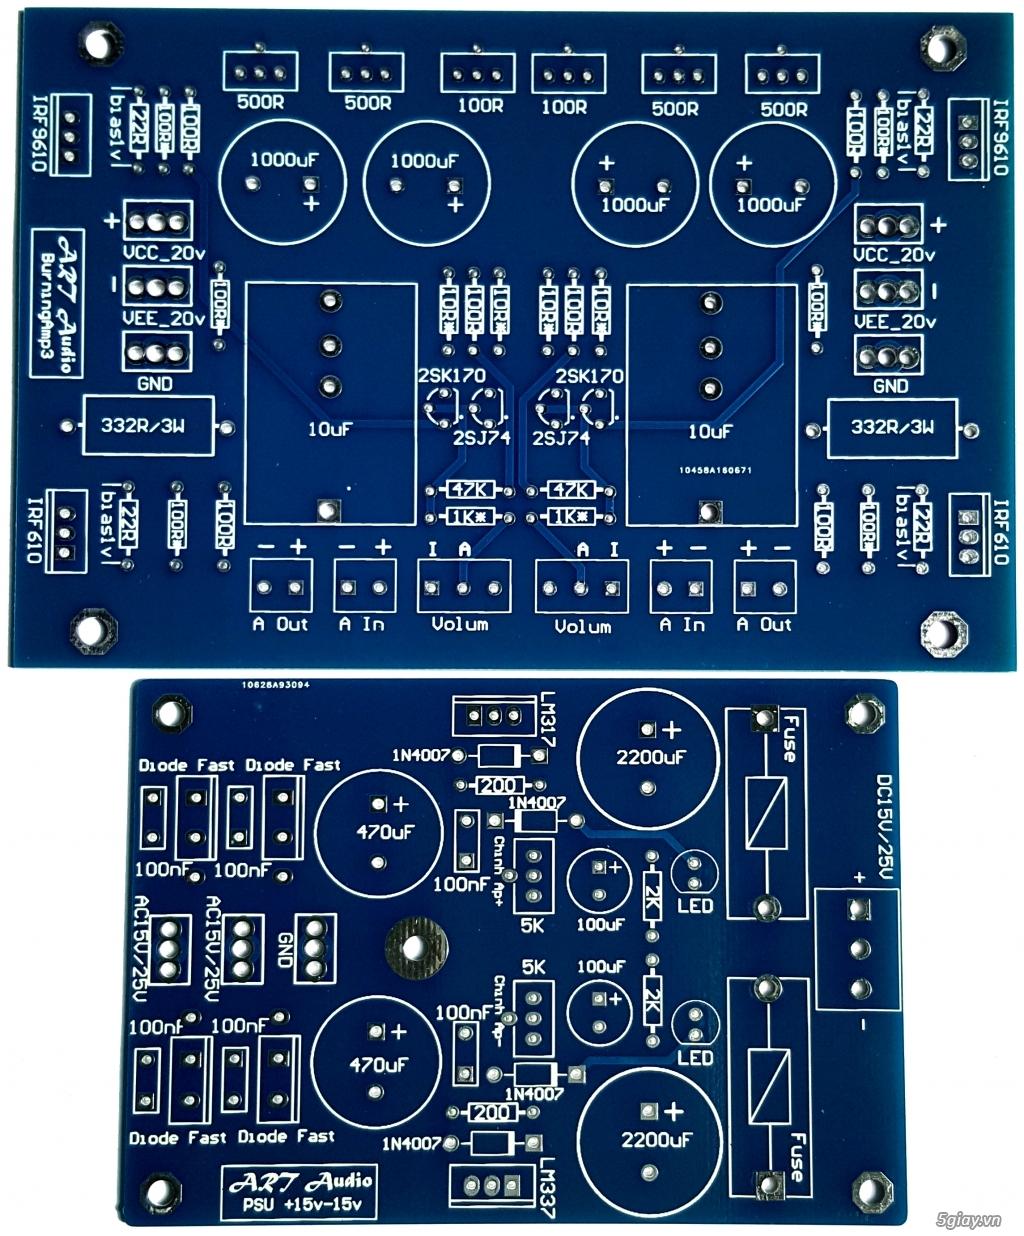 Linh kiện điện tử, PCB và DIY kit cho High-end Audio . ART Audio - 23